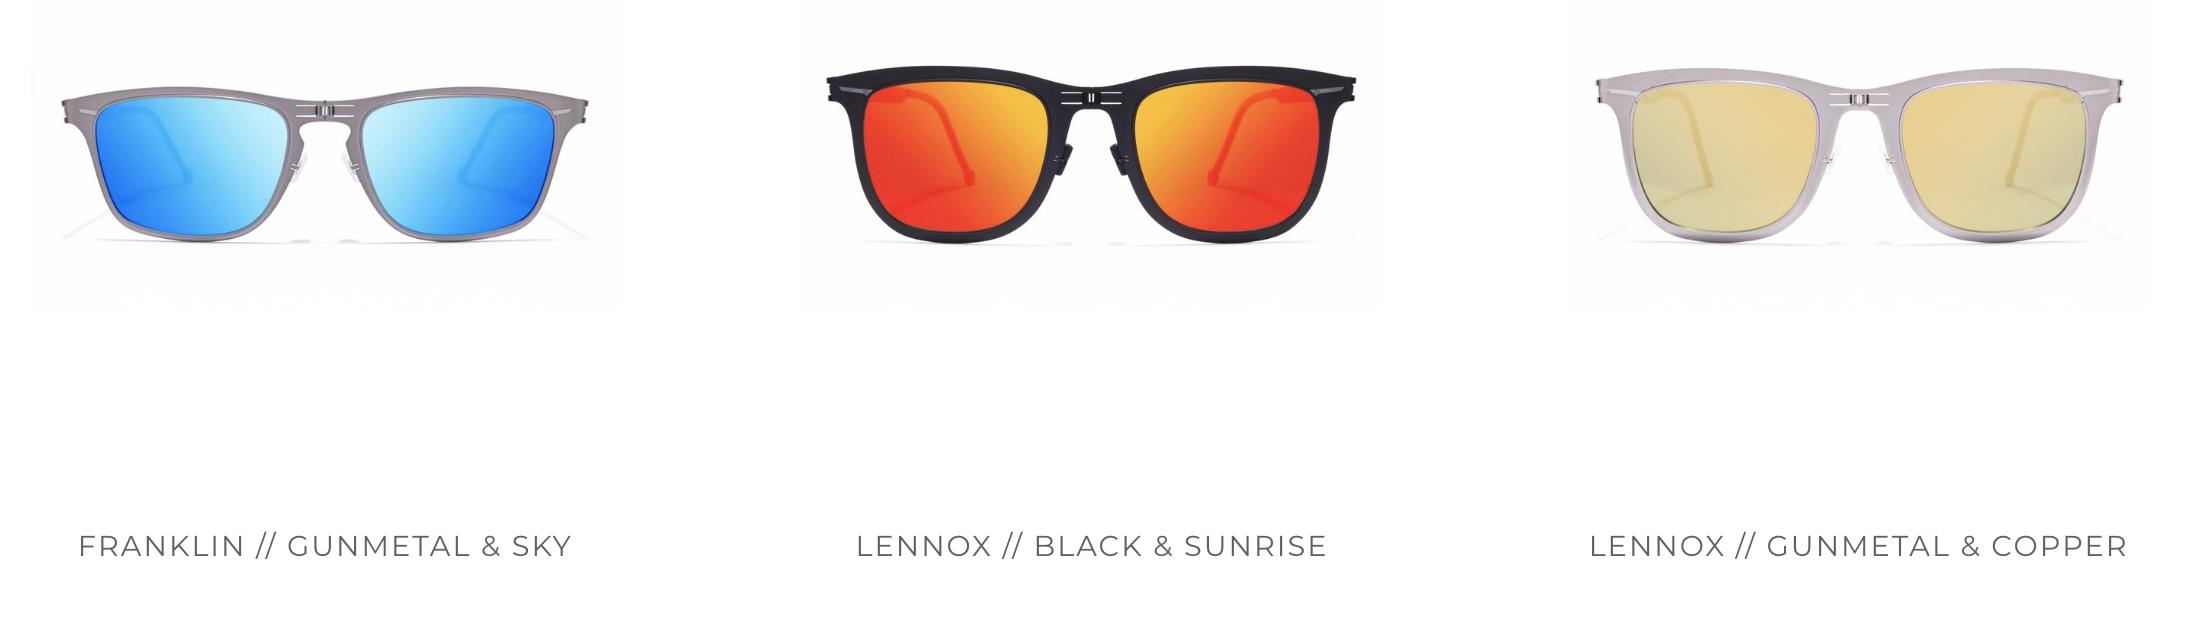 Roav Sunglasses